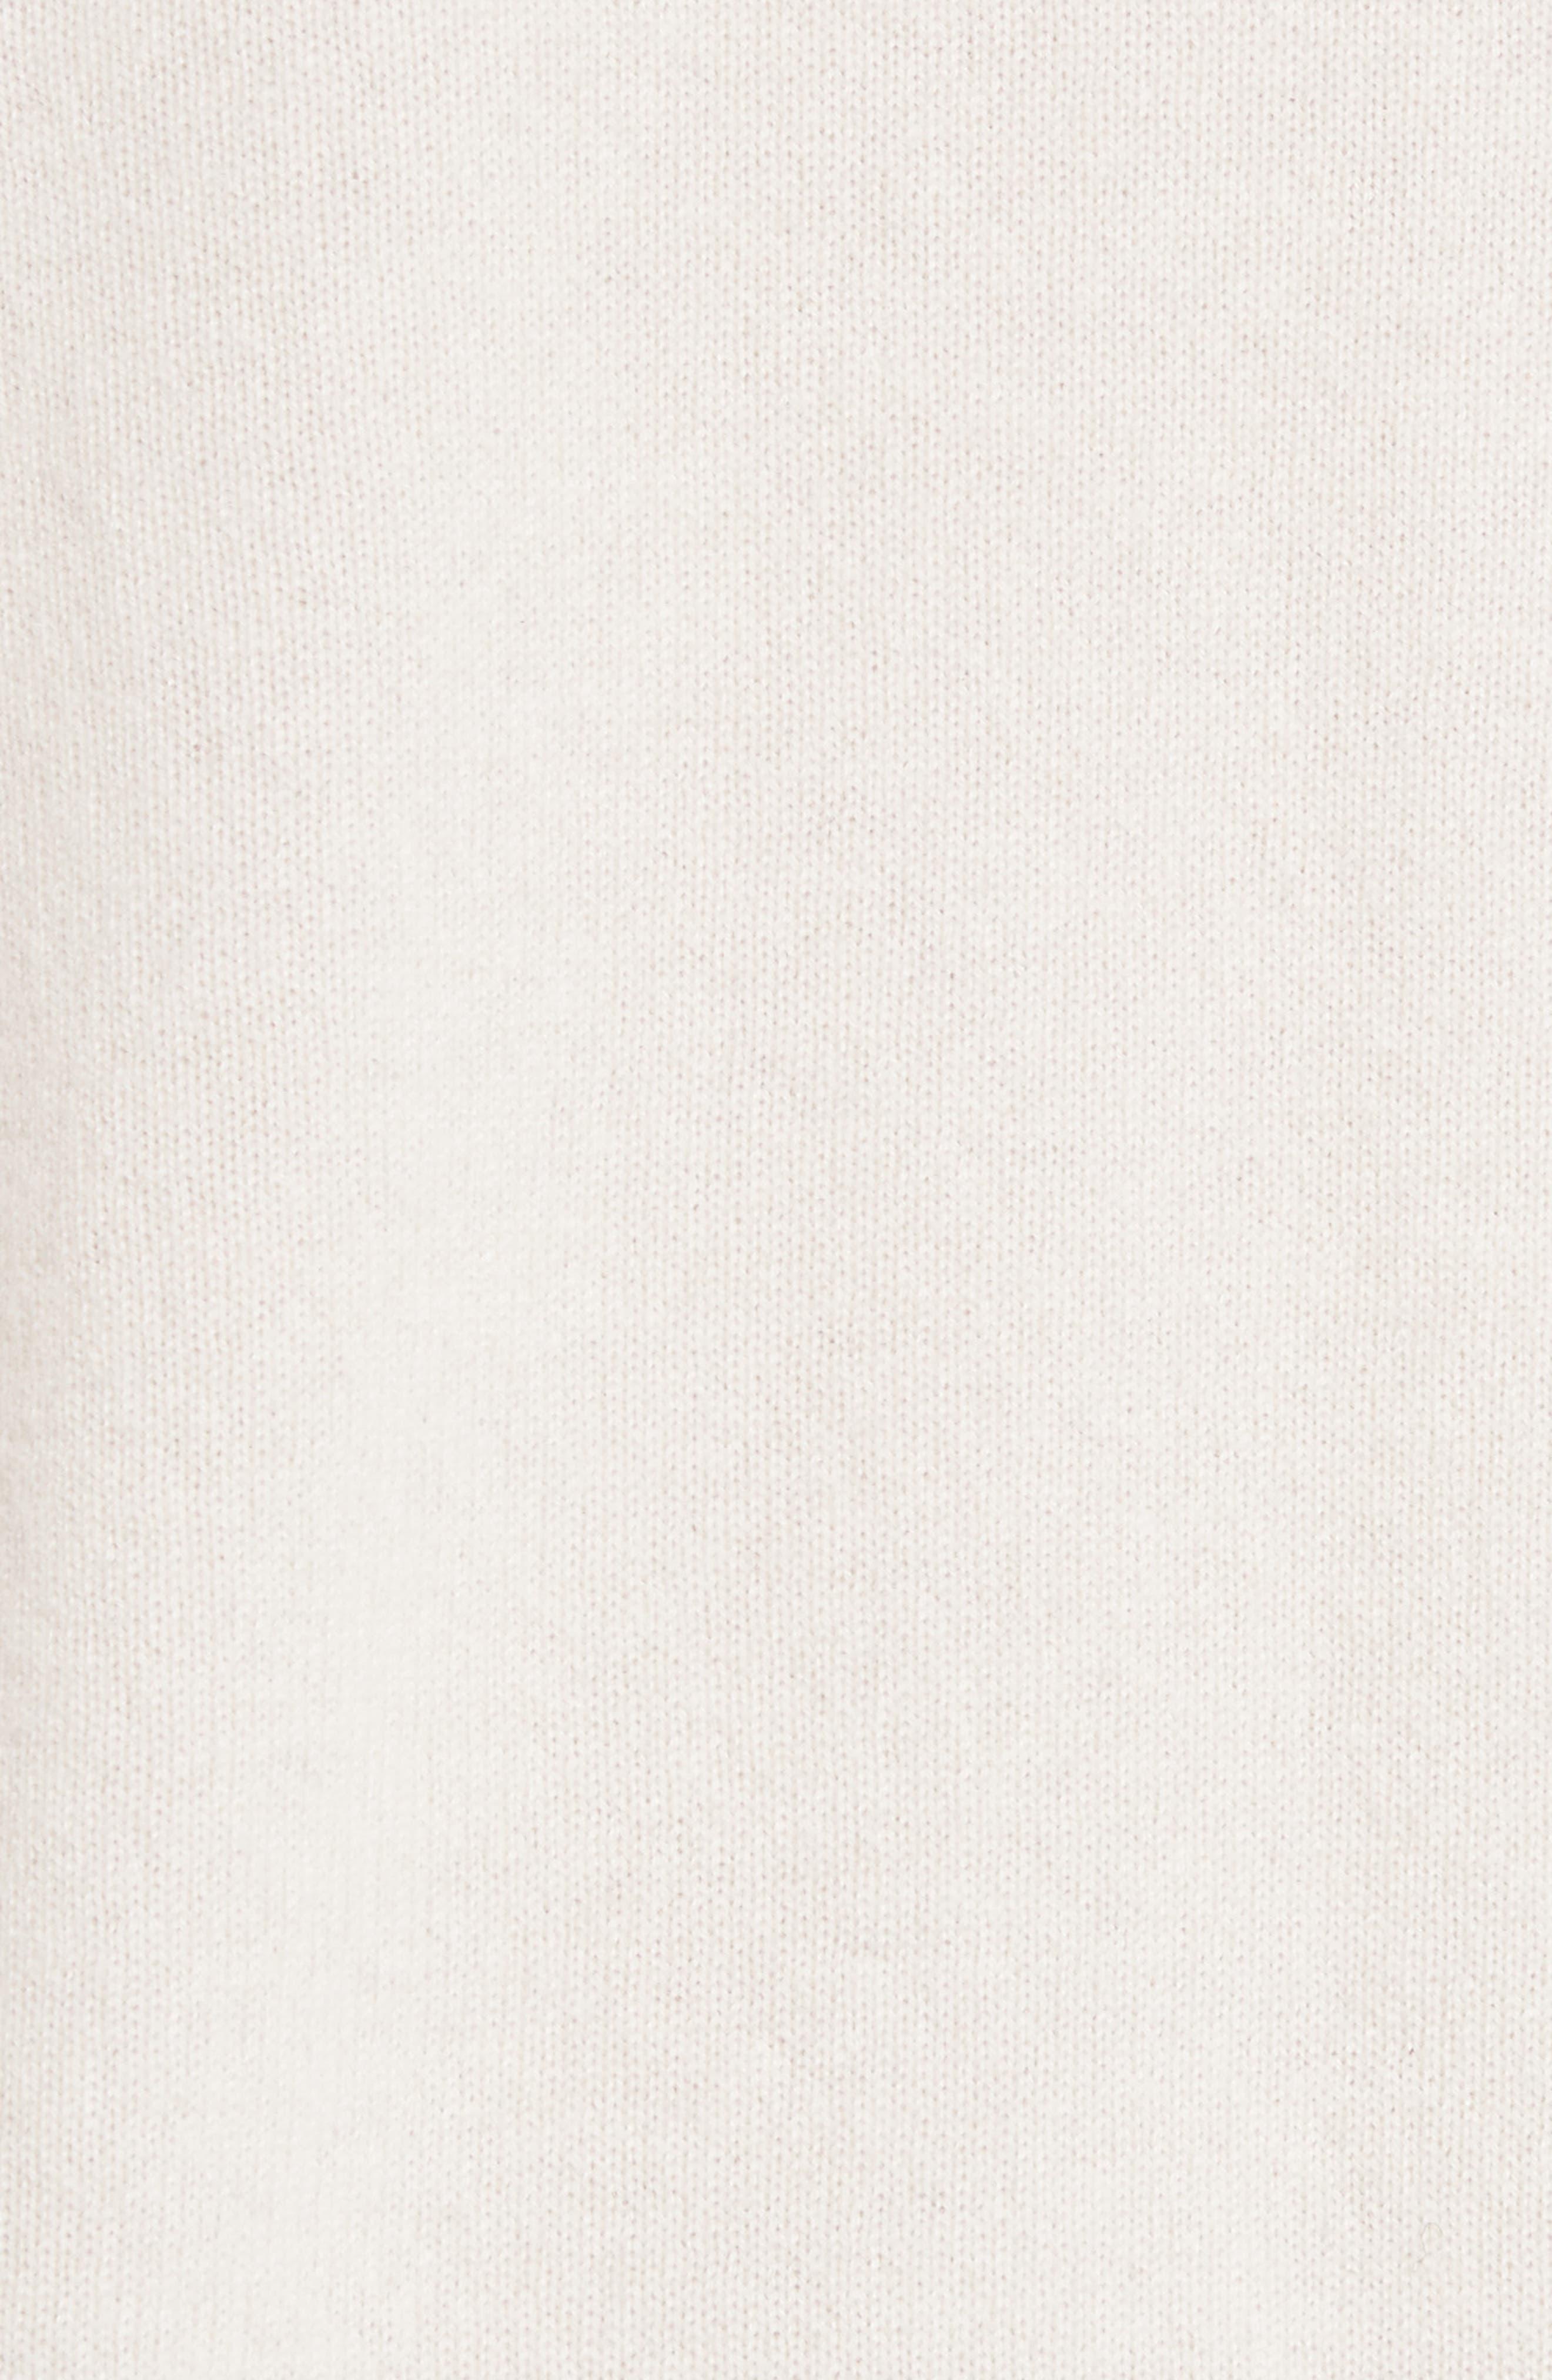 CHINTI & PARKER Bonjour/Bonsoir Cashmere Sweater,                             Alternate thumbnail 5, color,                             900